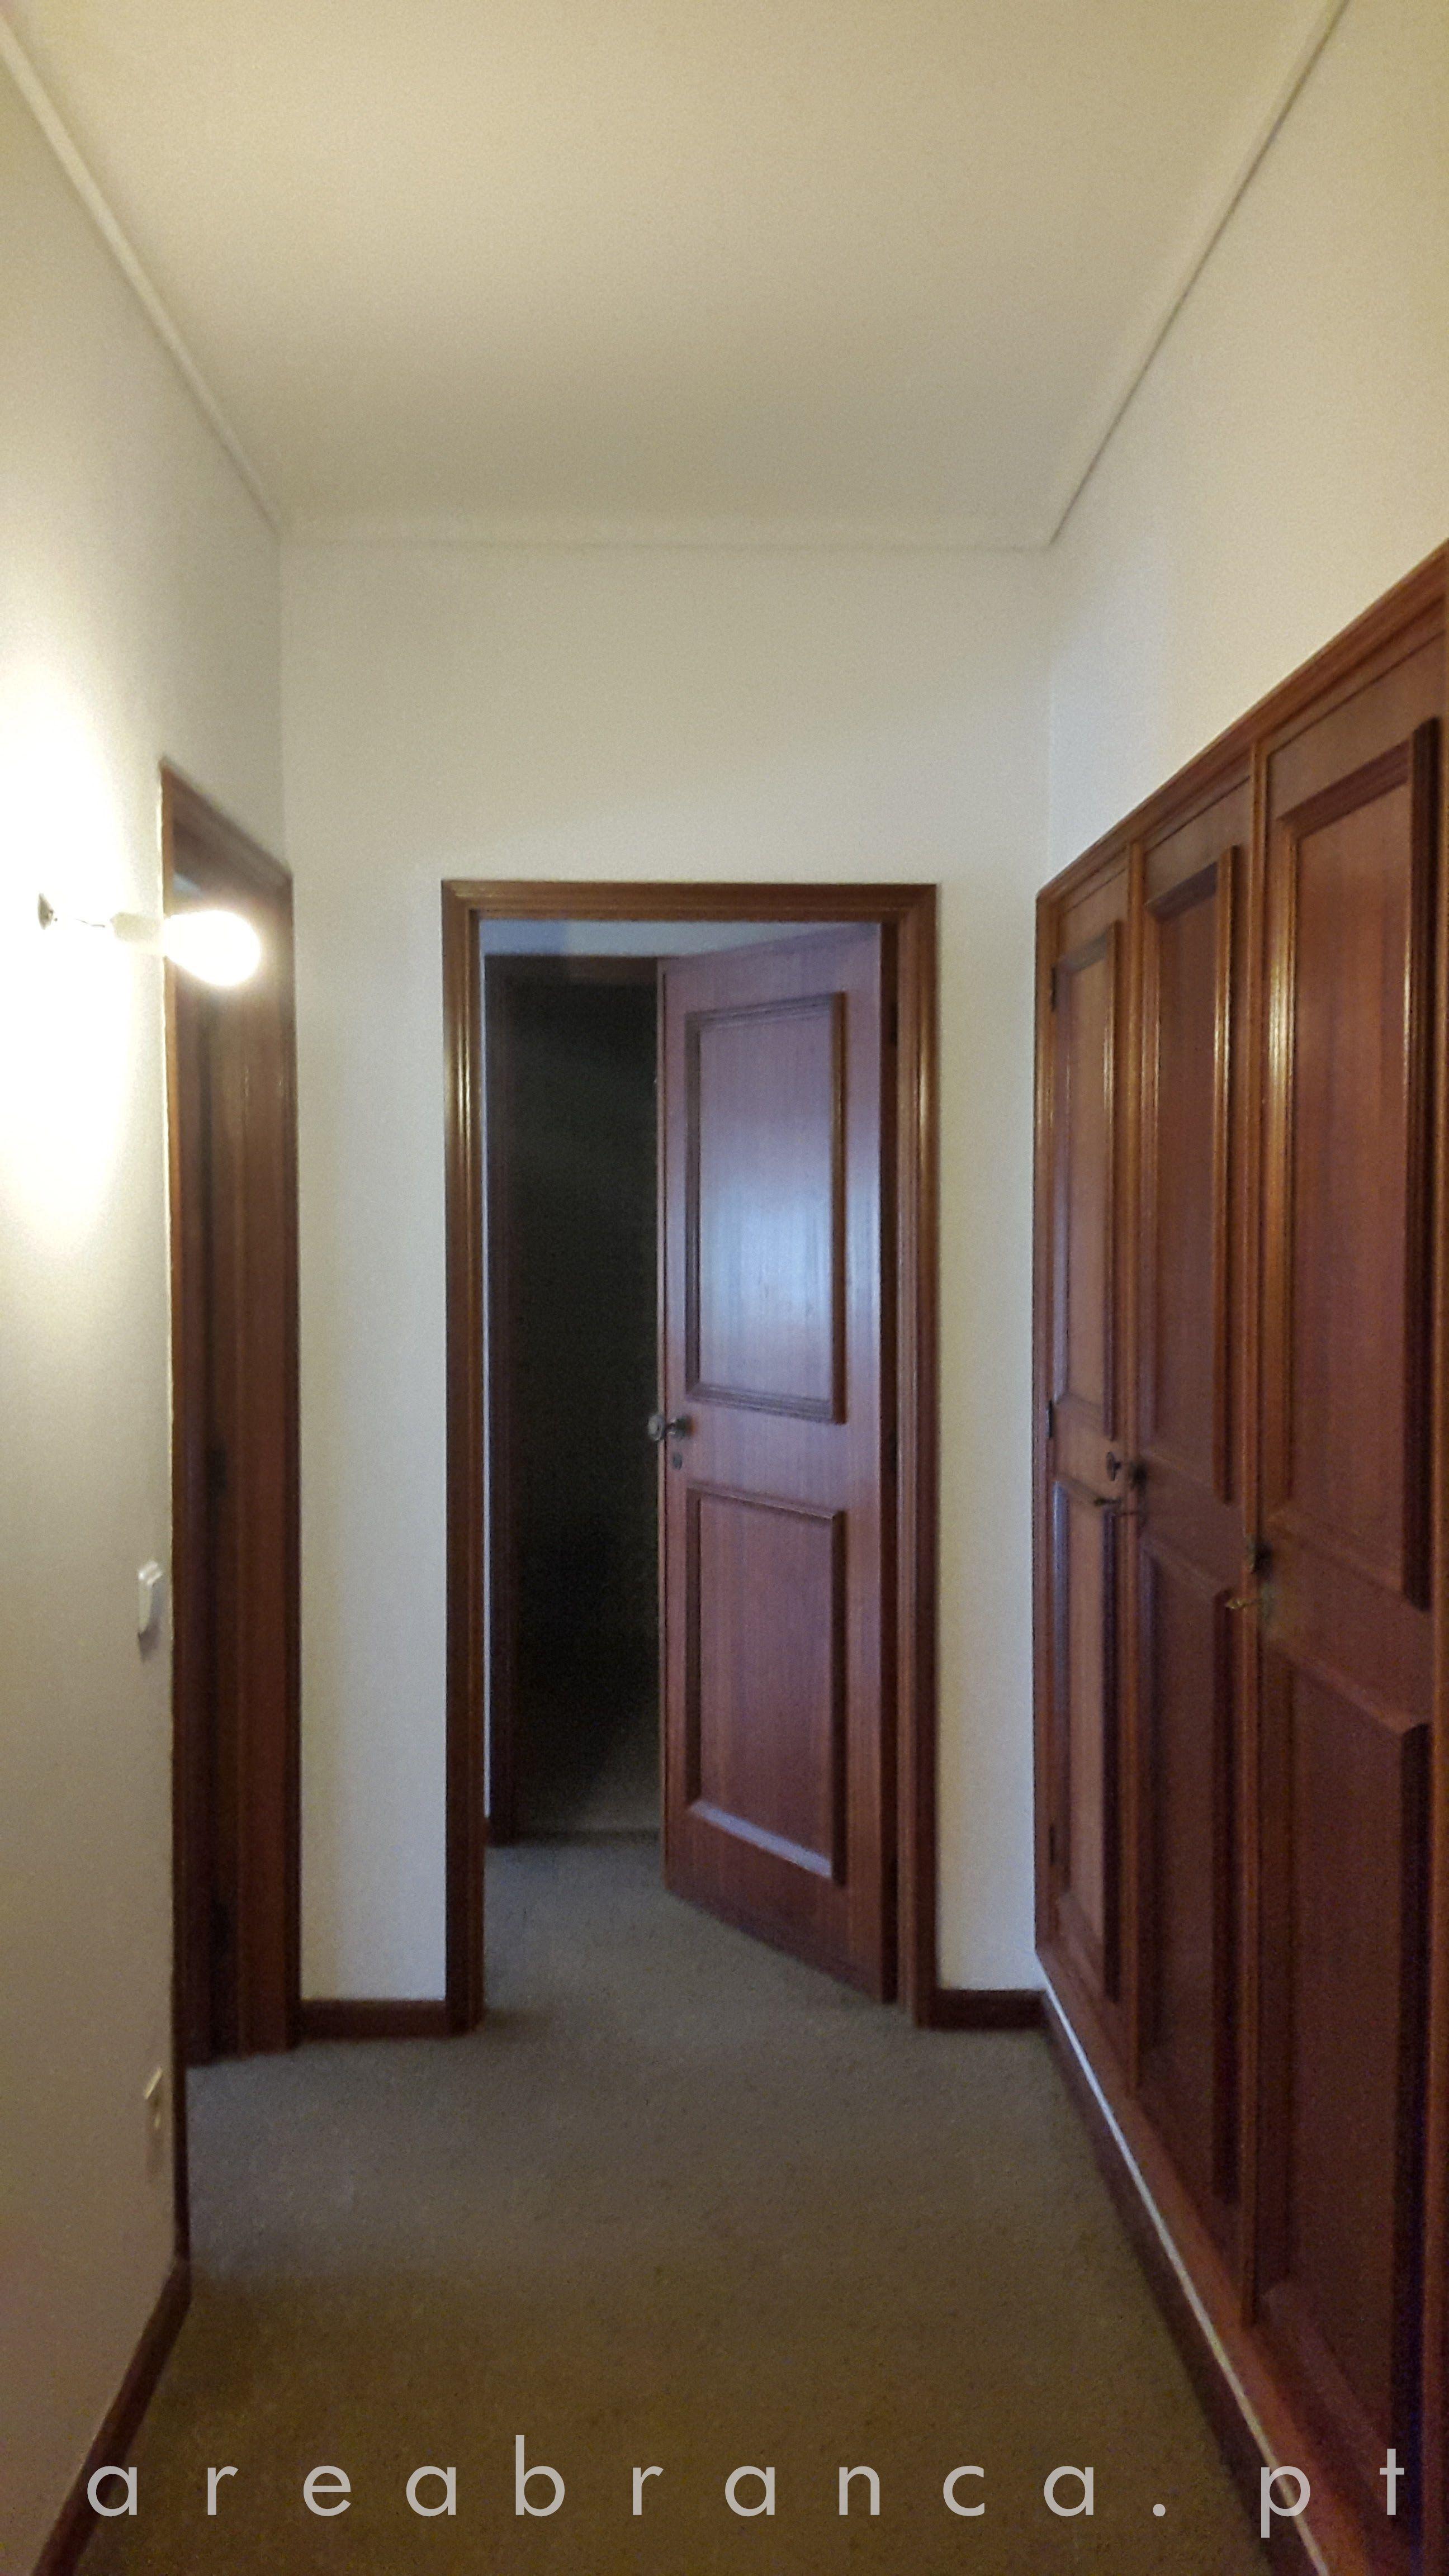 Hall de Quartos - Antes #areabranca #decoraçãointeriores #designinteriores #interiordesign #hall